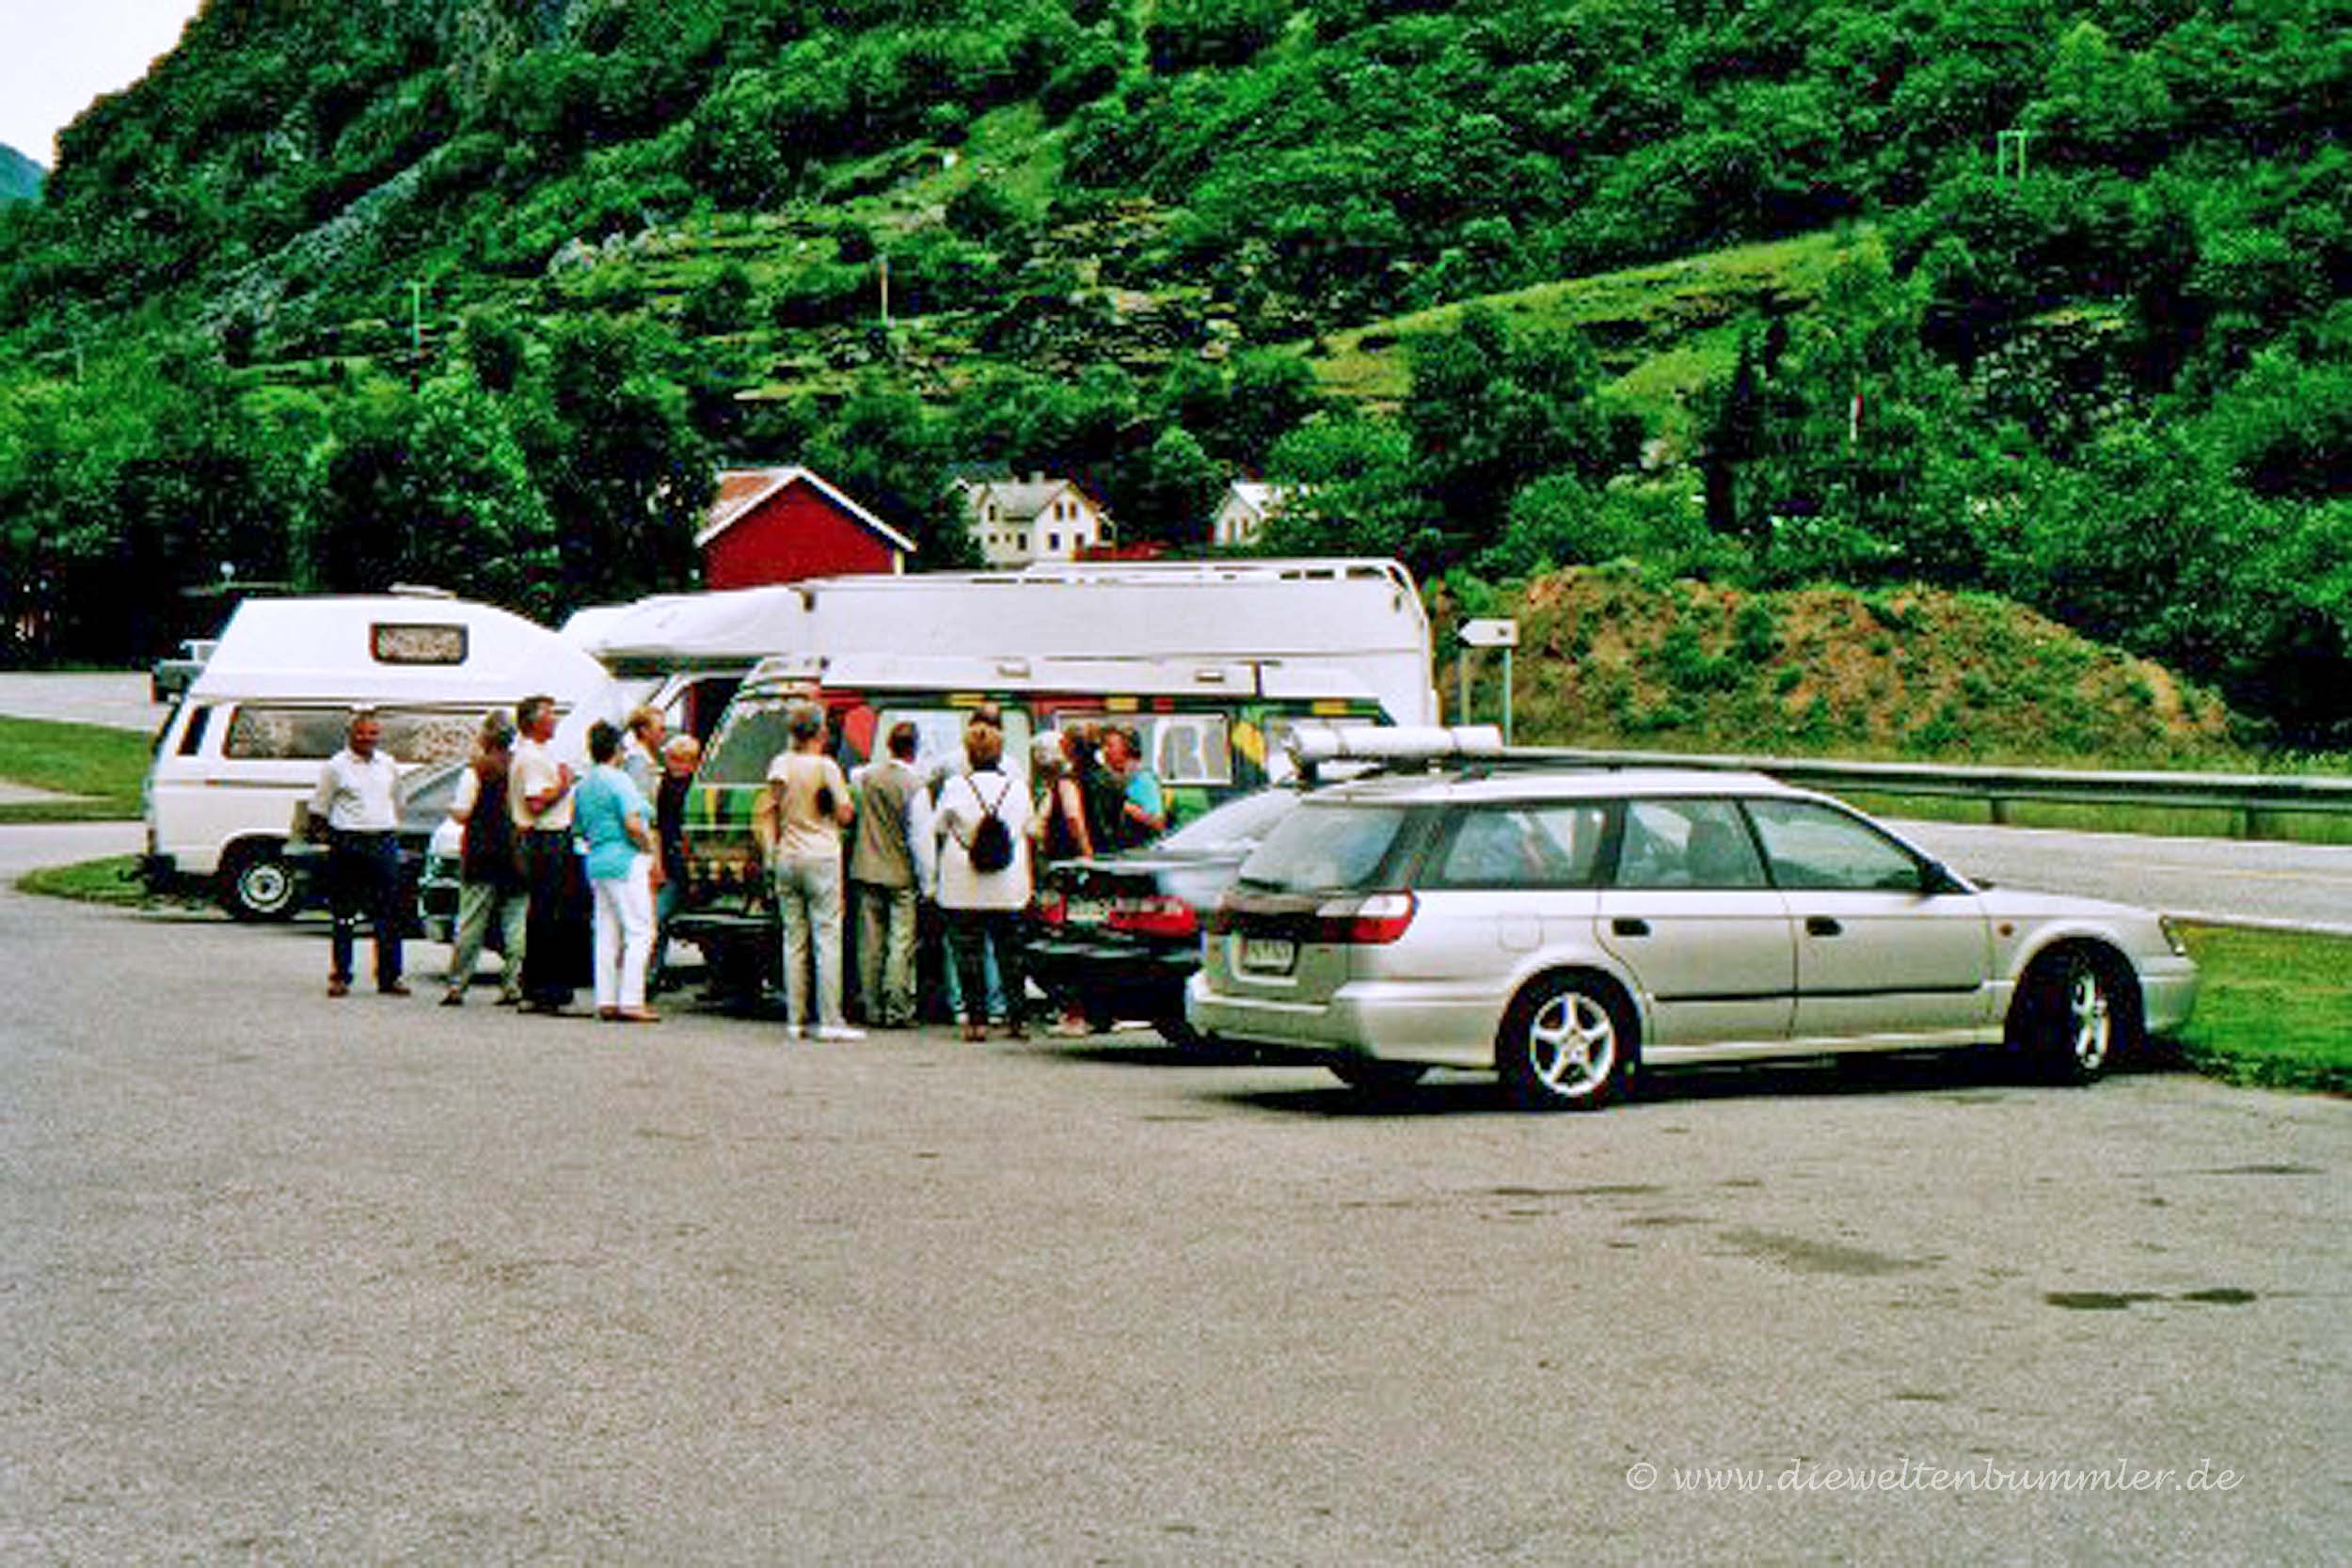 Touristengruppe an der Europakarte am VW-Bus